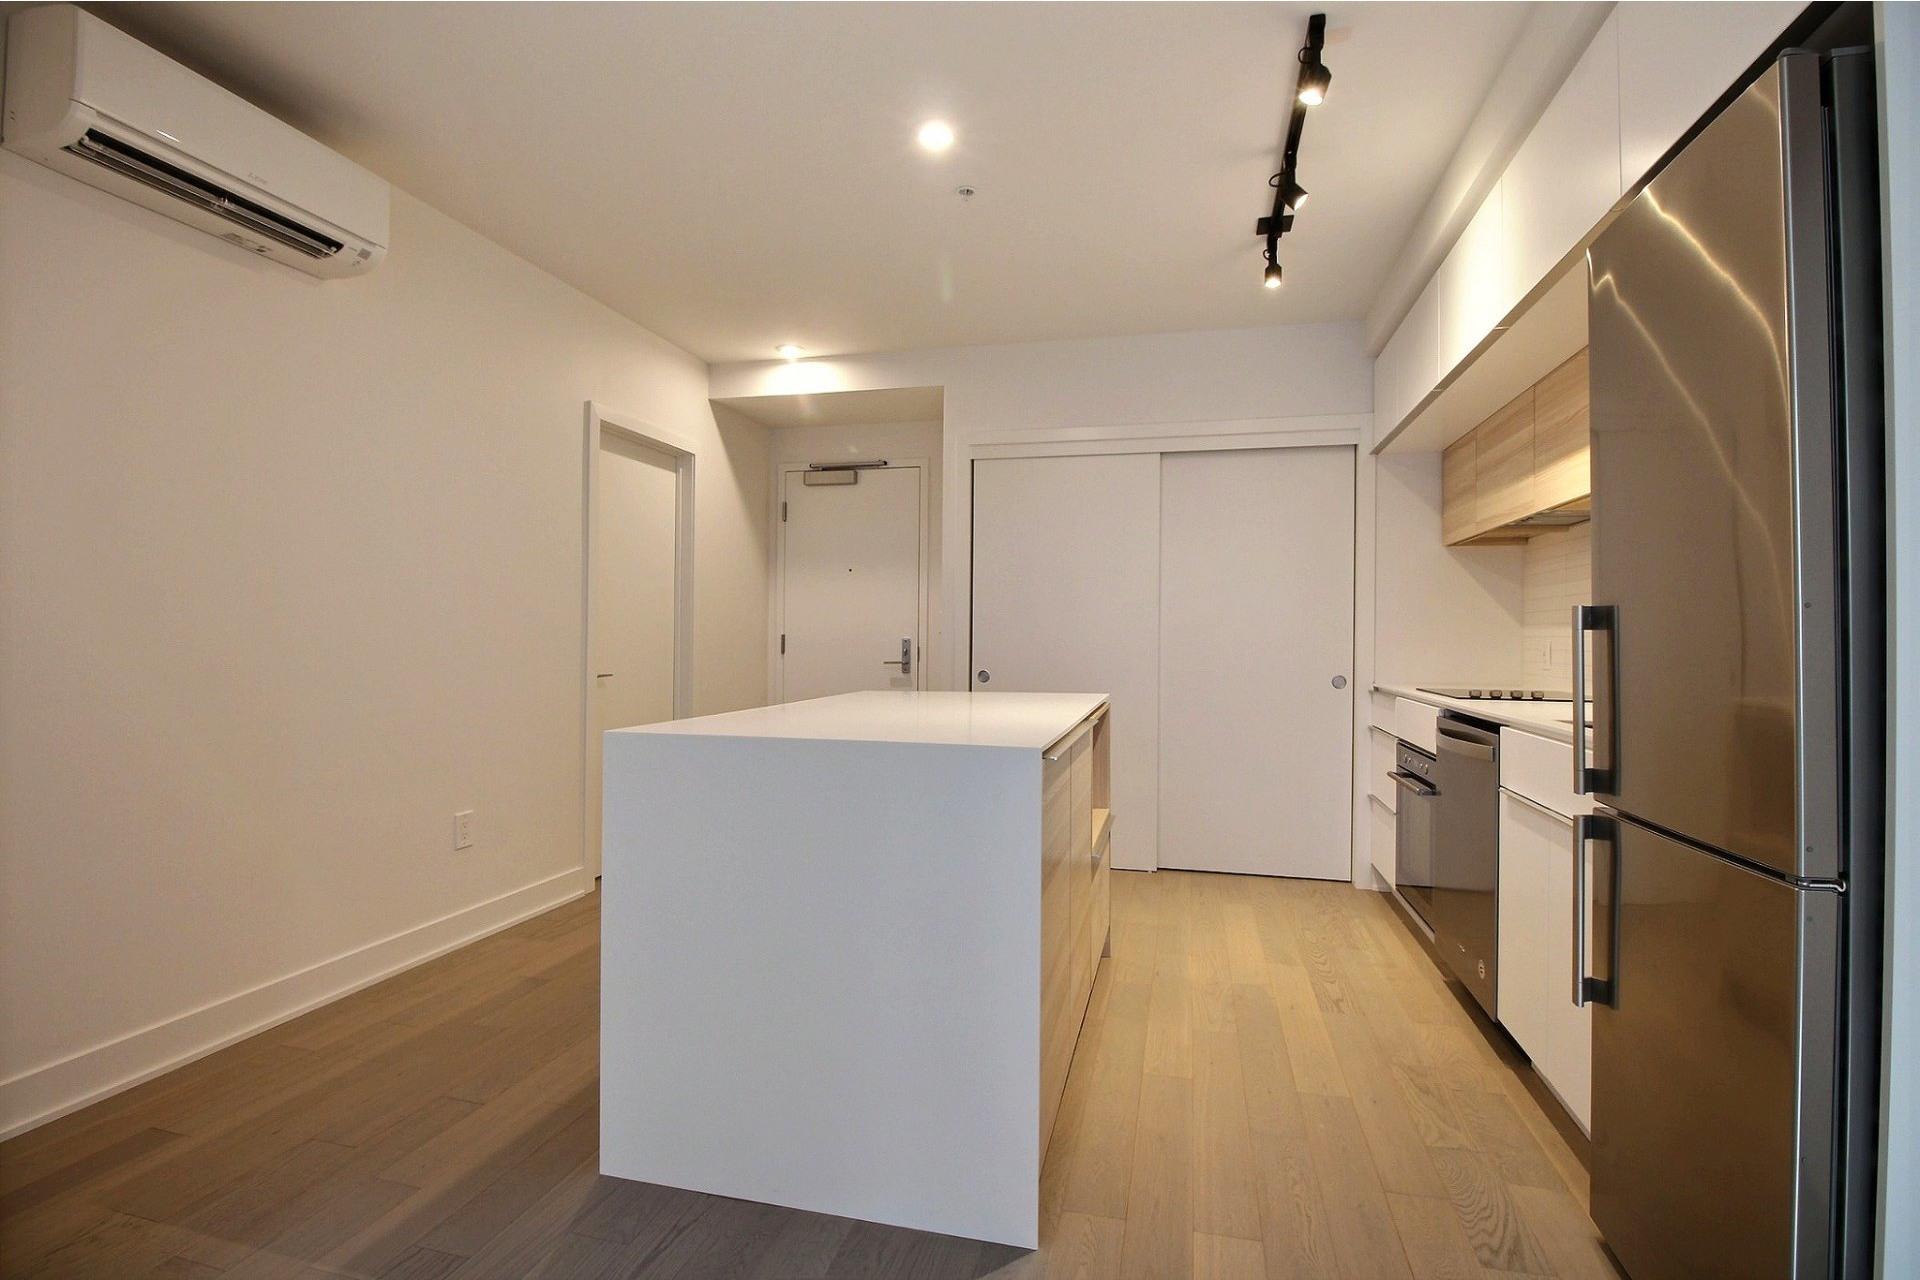 image 1 - Apartment For rent Montréal Le Sud-Ouest  - 4 rooms